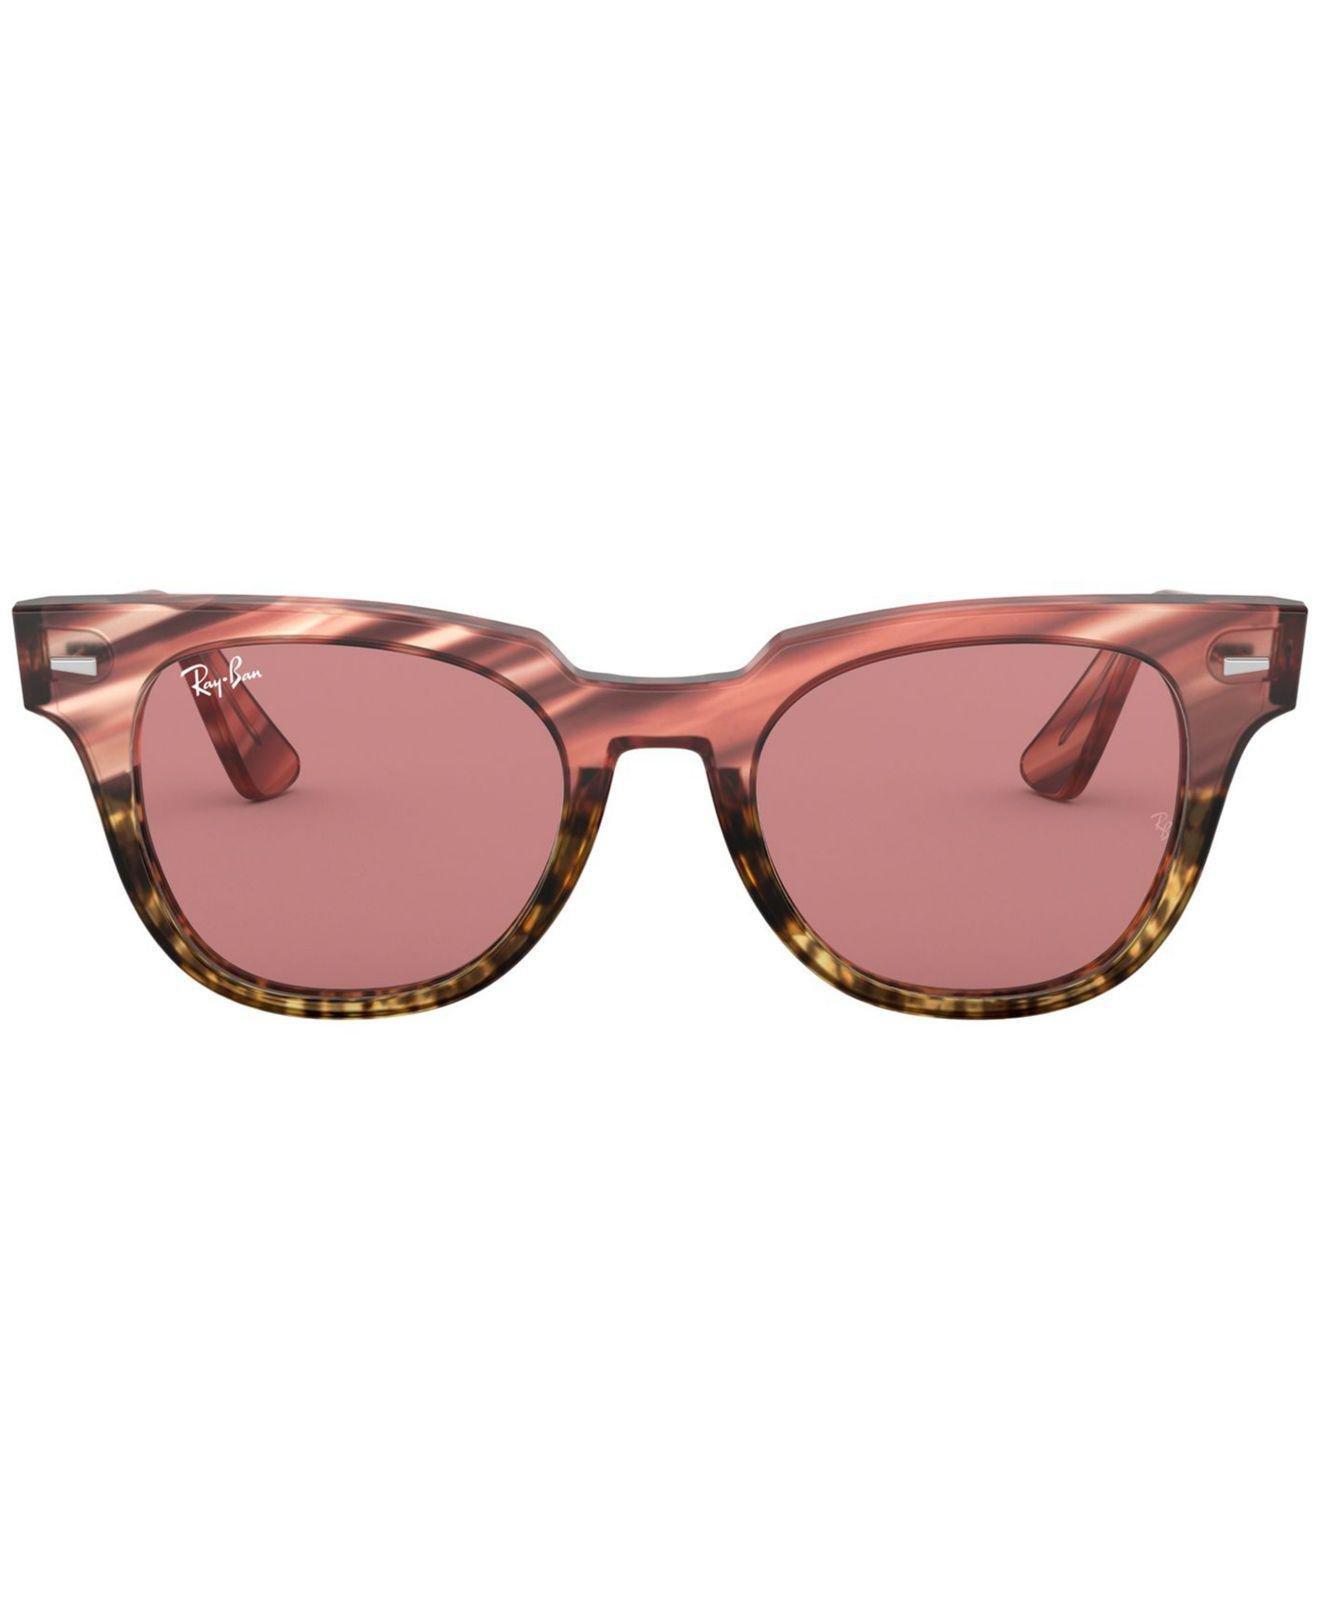 f6b35c277c66b ... aliexpress lyst ray ban sunglasses rb2168 50 0bf2c 30946